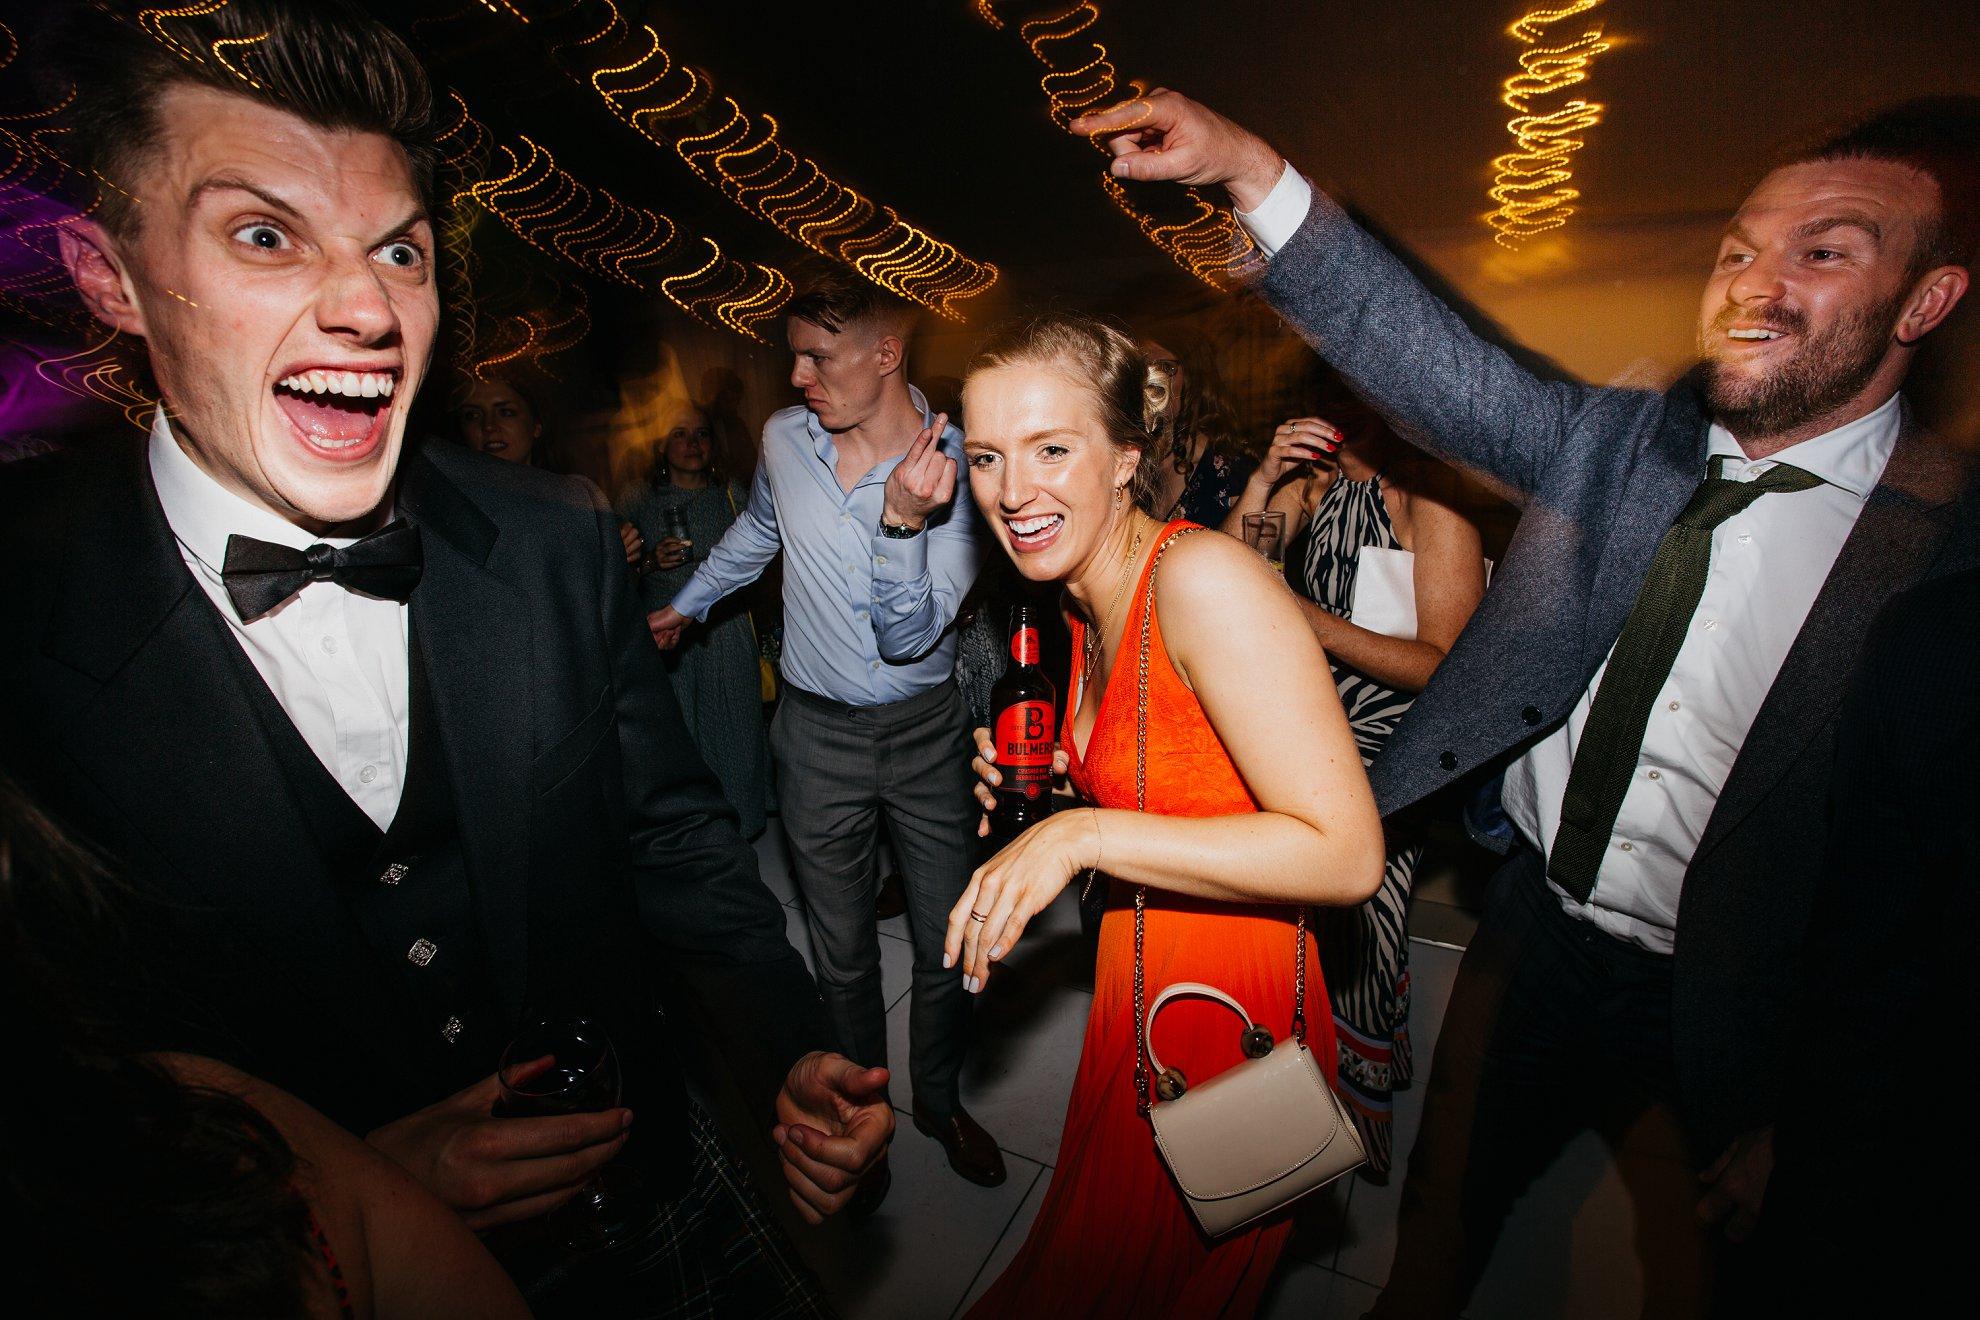 macdonald leeming house weddings